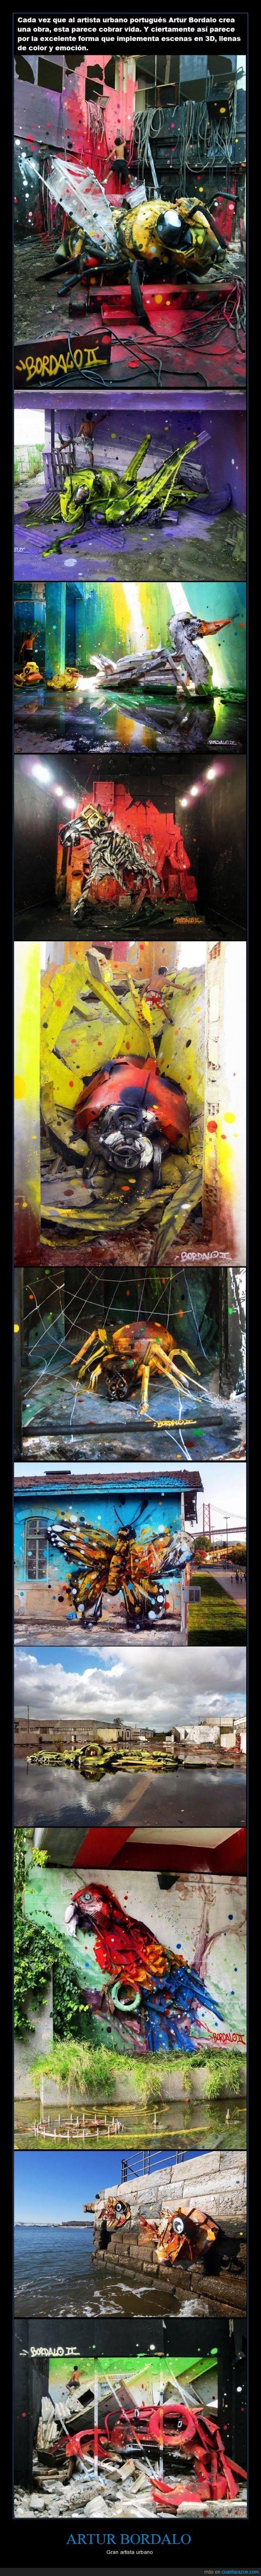 3D,artista,Artur Bordalo,escultura,graffiti,urbano